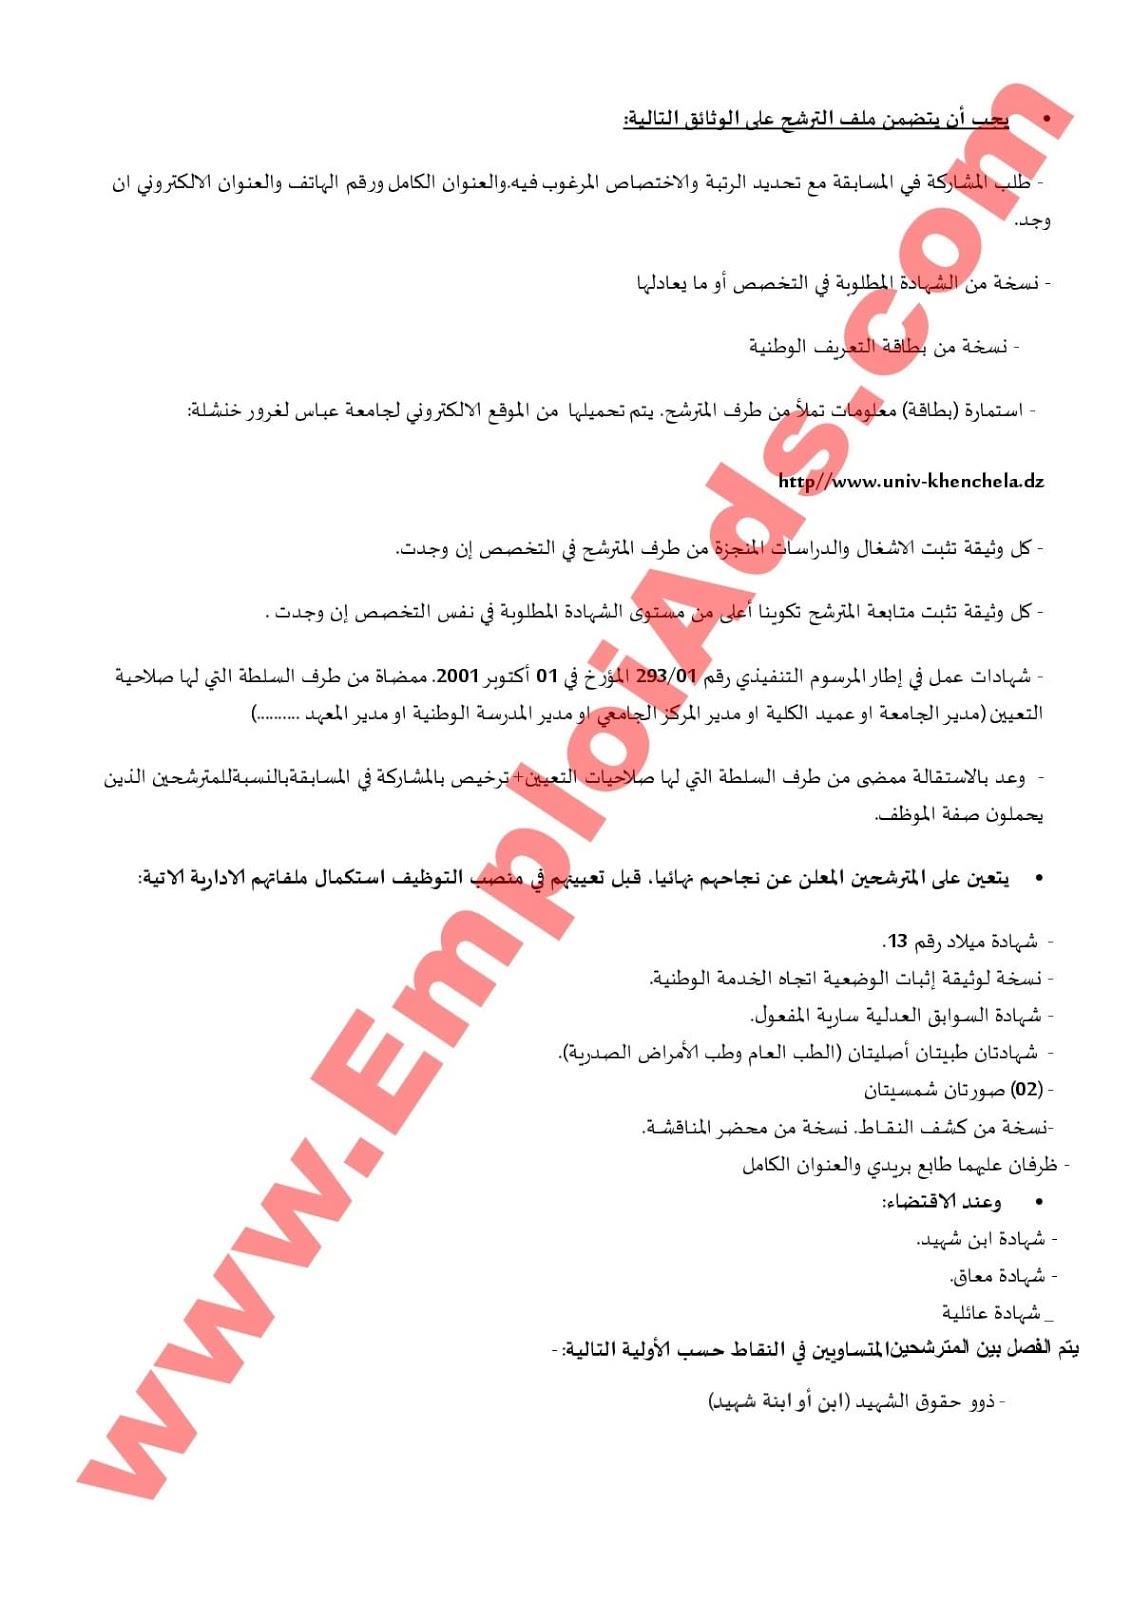 """إعلان مسابقة توظيف 33 استاذ مساعد قسم """"ب"""" بجامعة عباس لغرور ولاية خنشلة جوان 2017"""